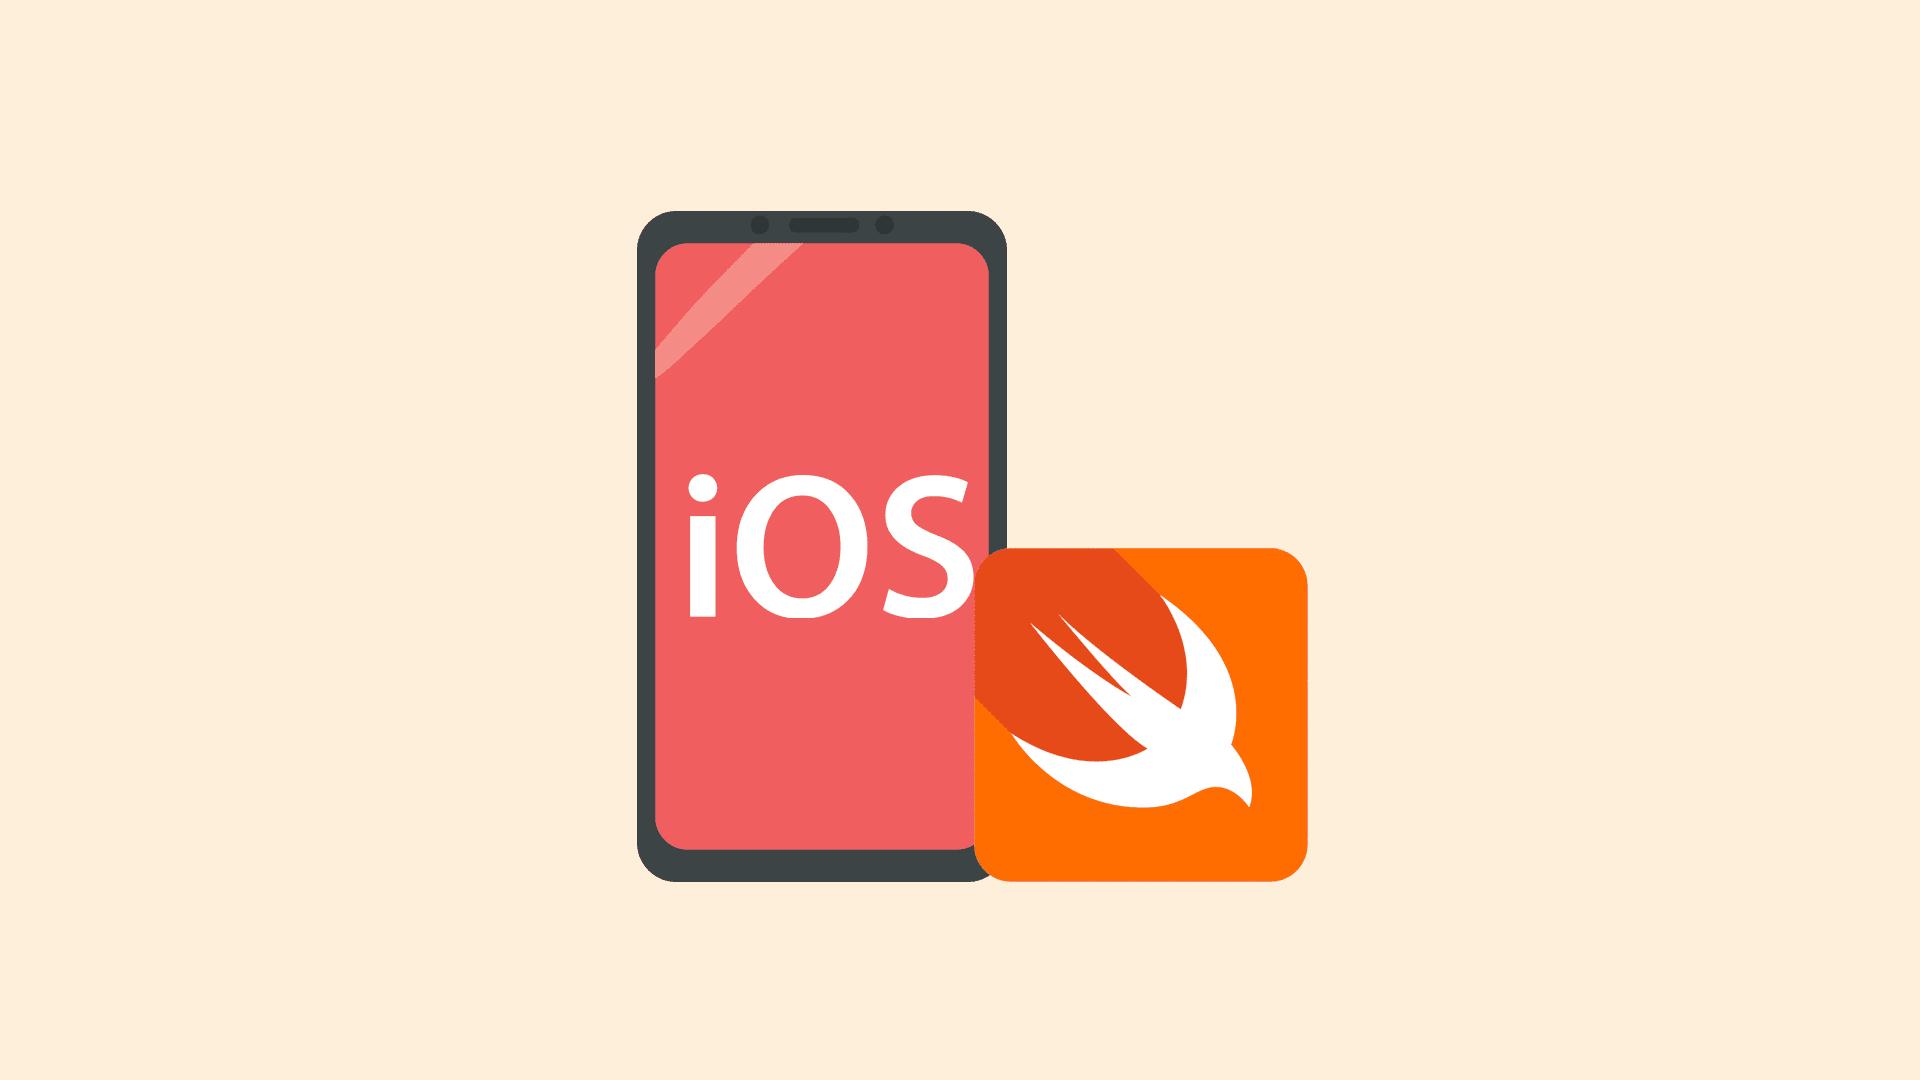 آموزش برنامه نویسی SWIFT (سوئیفت ) برای IOS – جامع و پروژه محور